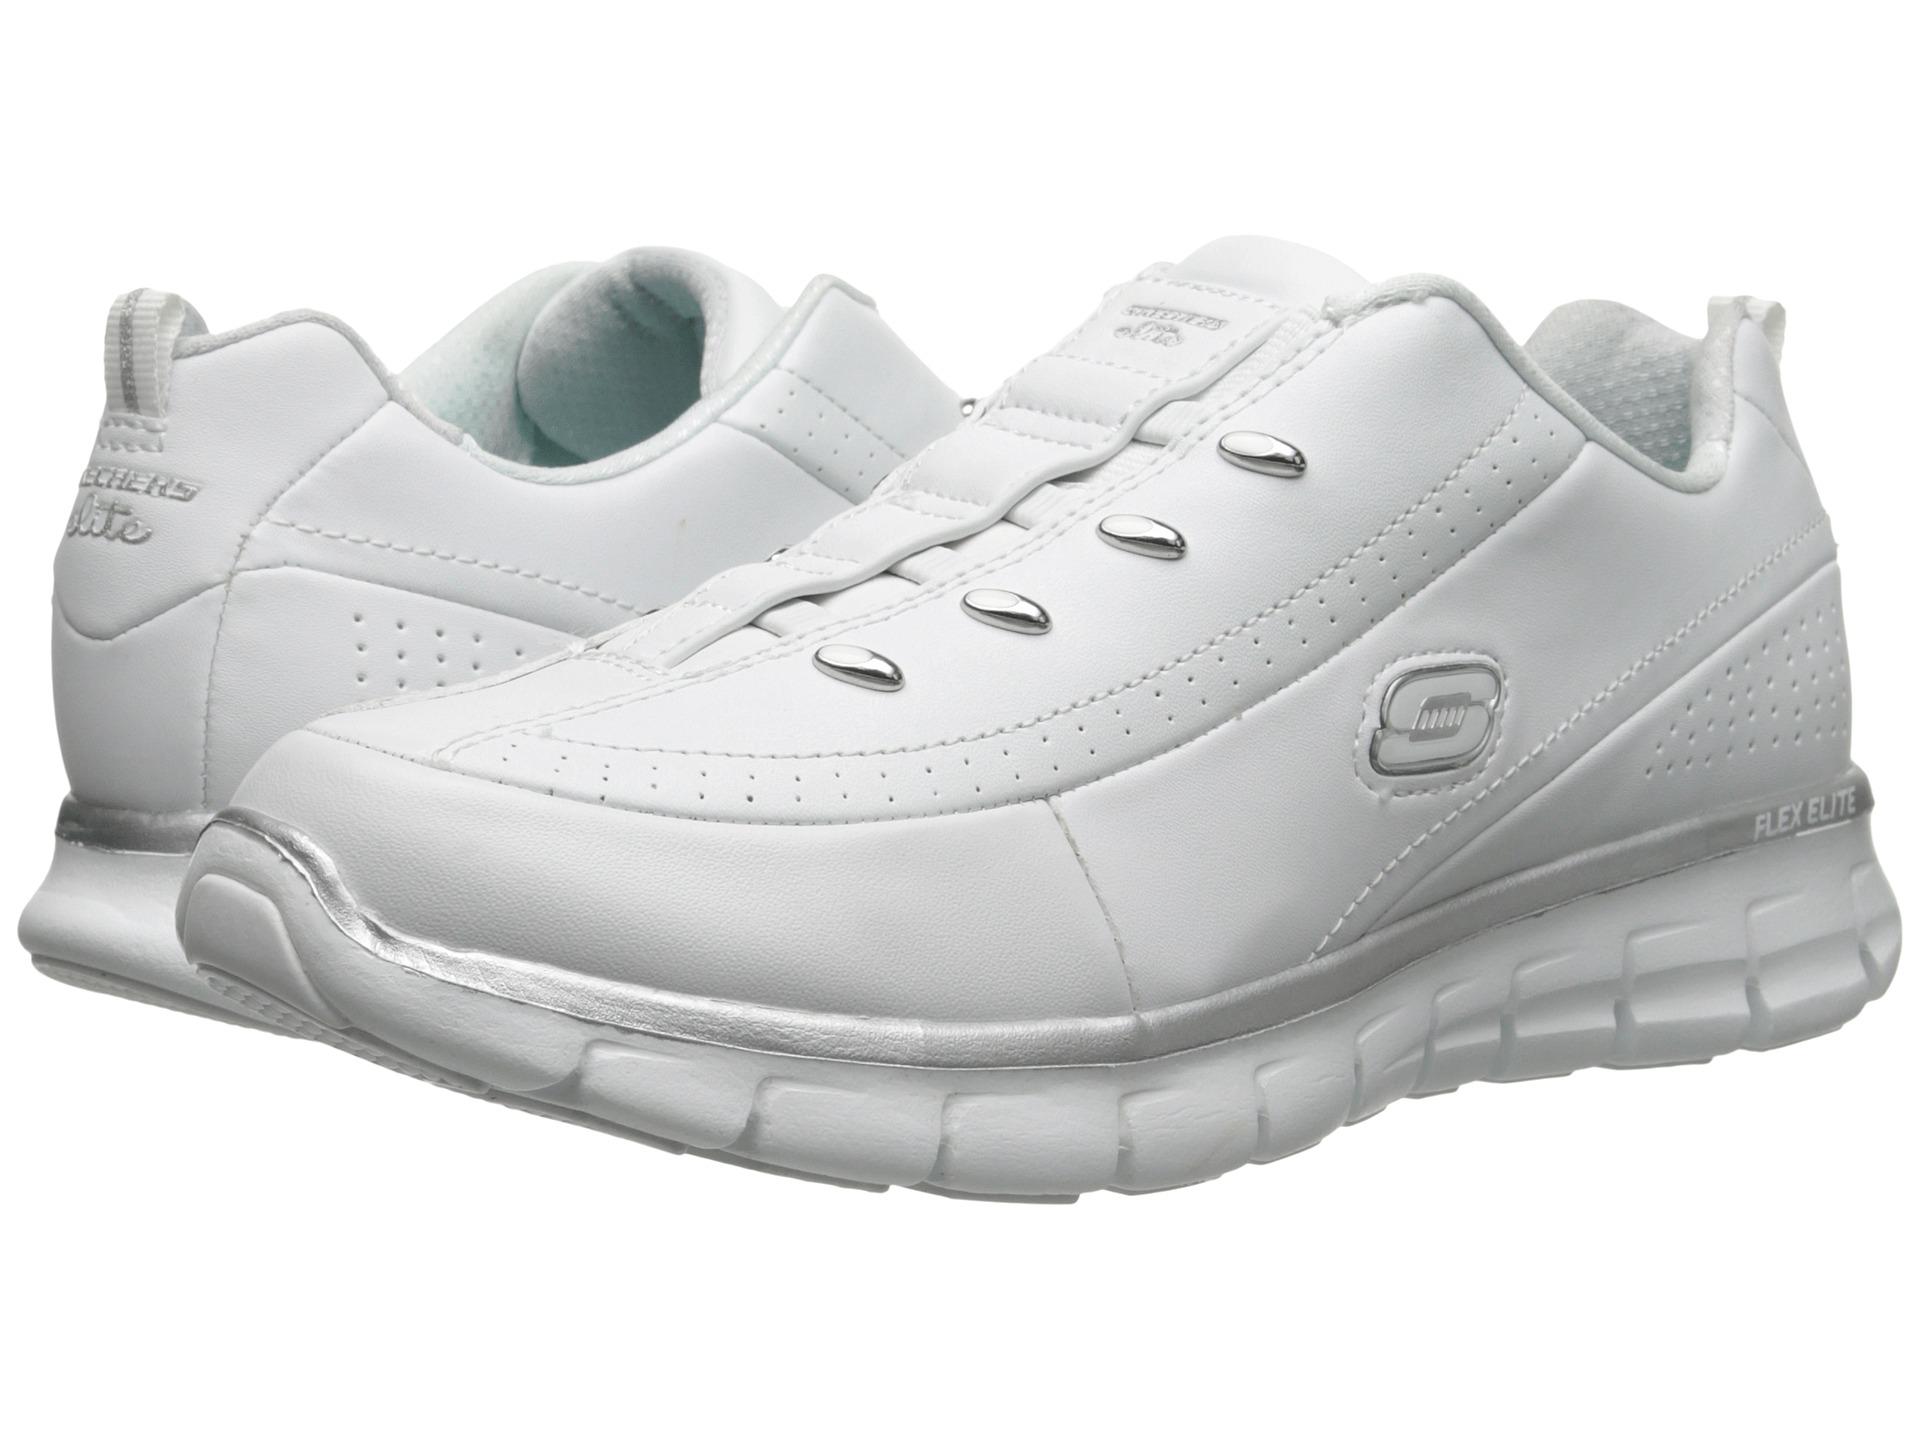 Skechers Elite Class White Silver